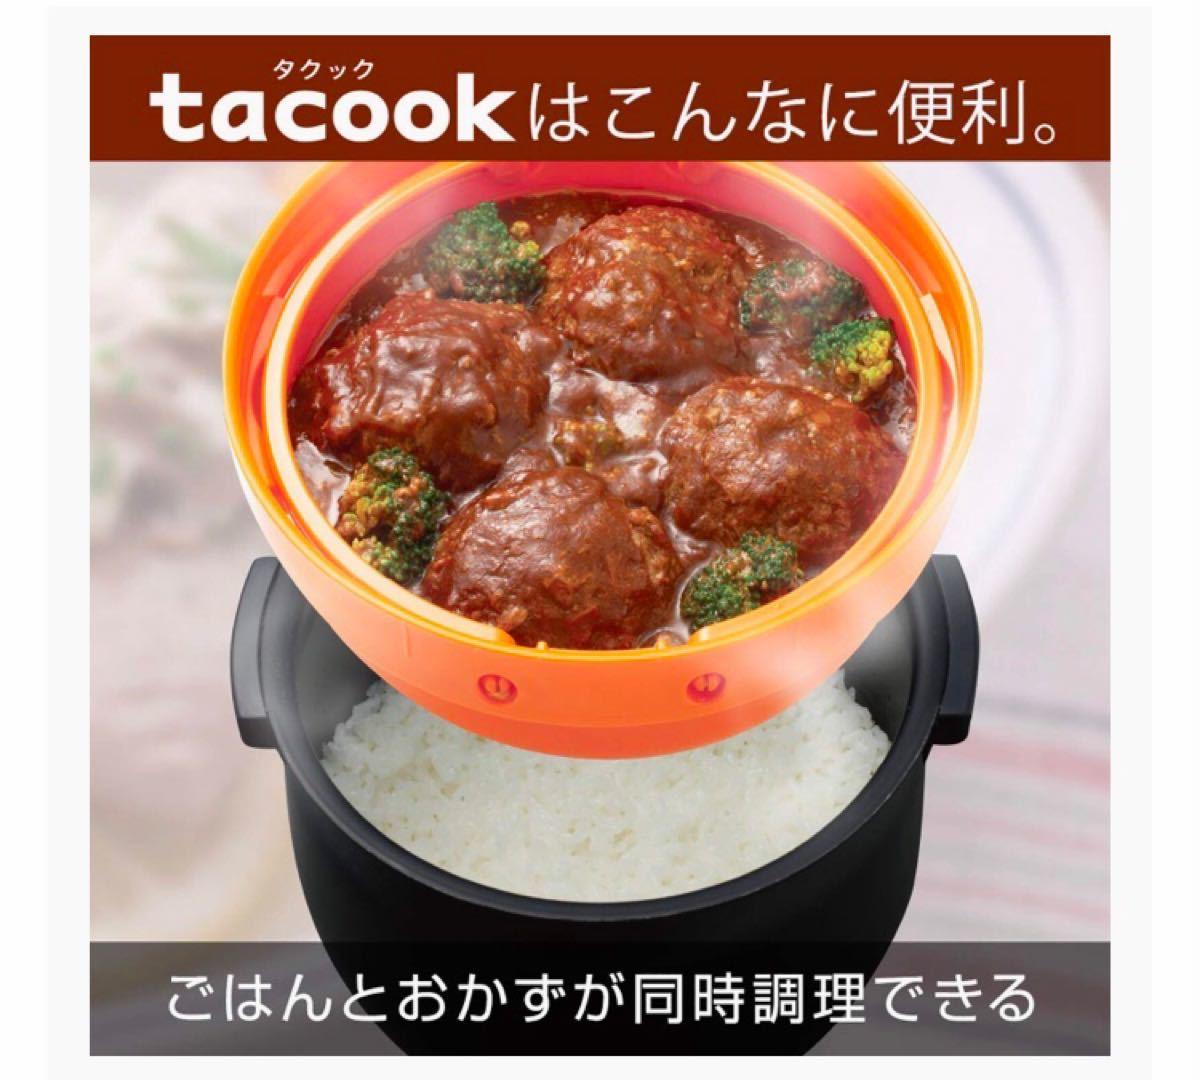 炊飯器ごはん 5.5合 おしゃれ IH JKT-J101TP 土鍋 コーティング tacook タクック  TIGER